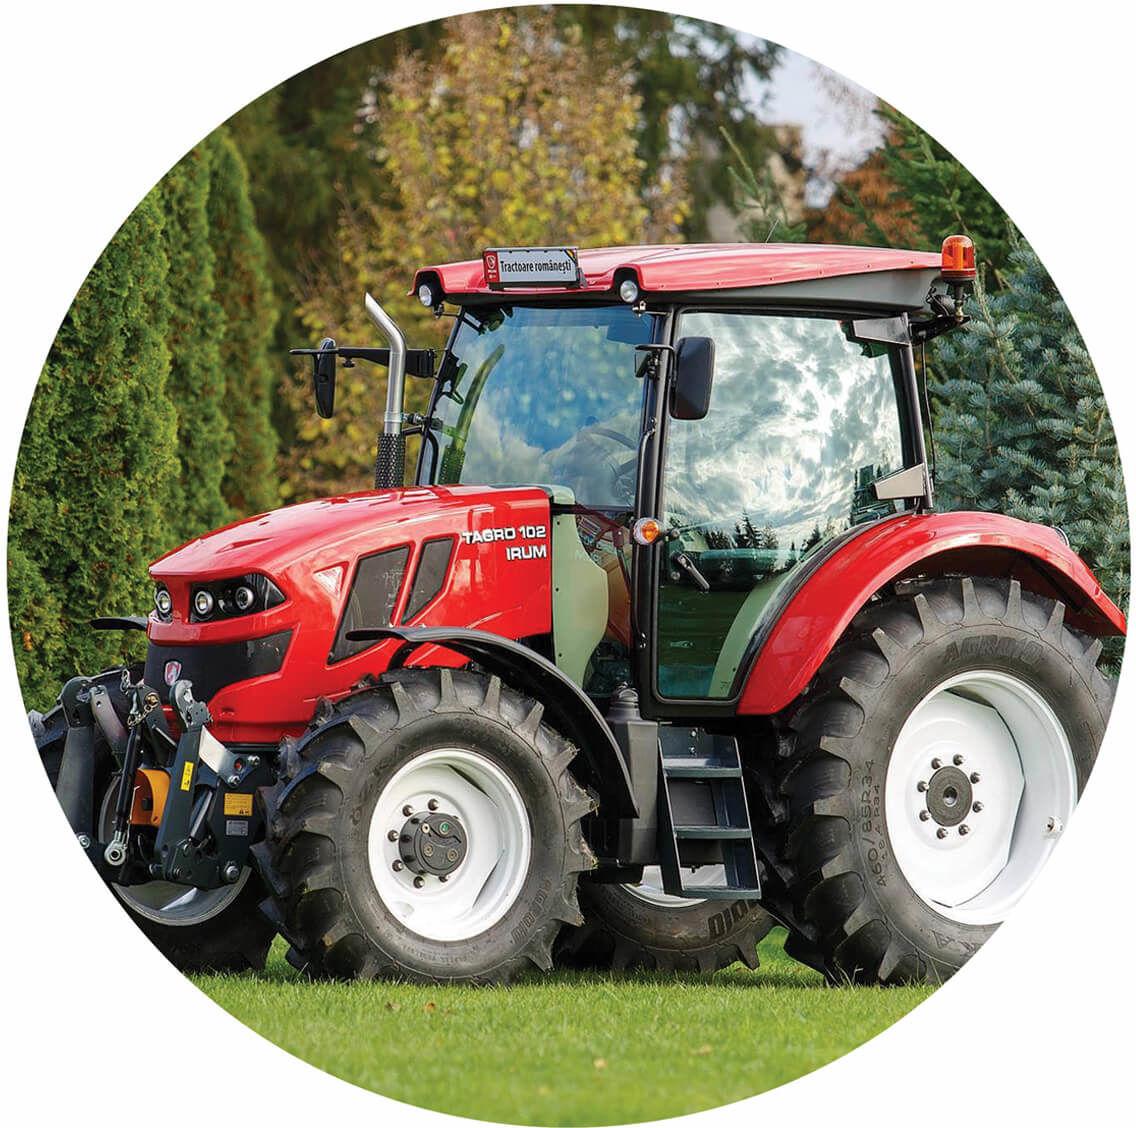 Dekoracyjny opłatek tortowy Traktor - 20 cm